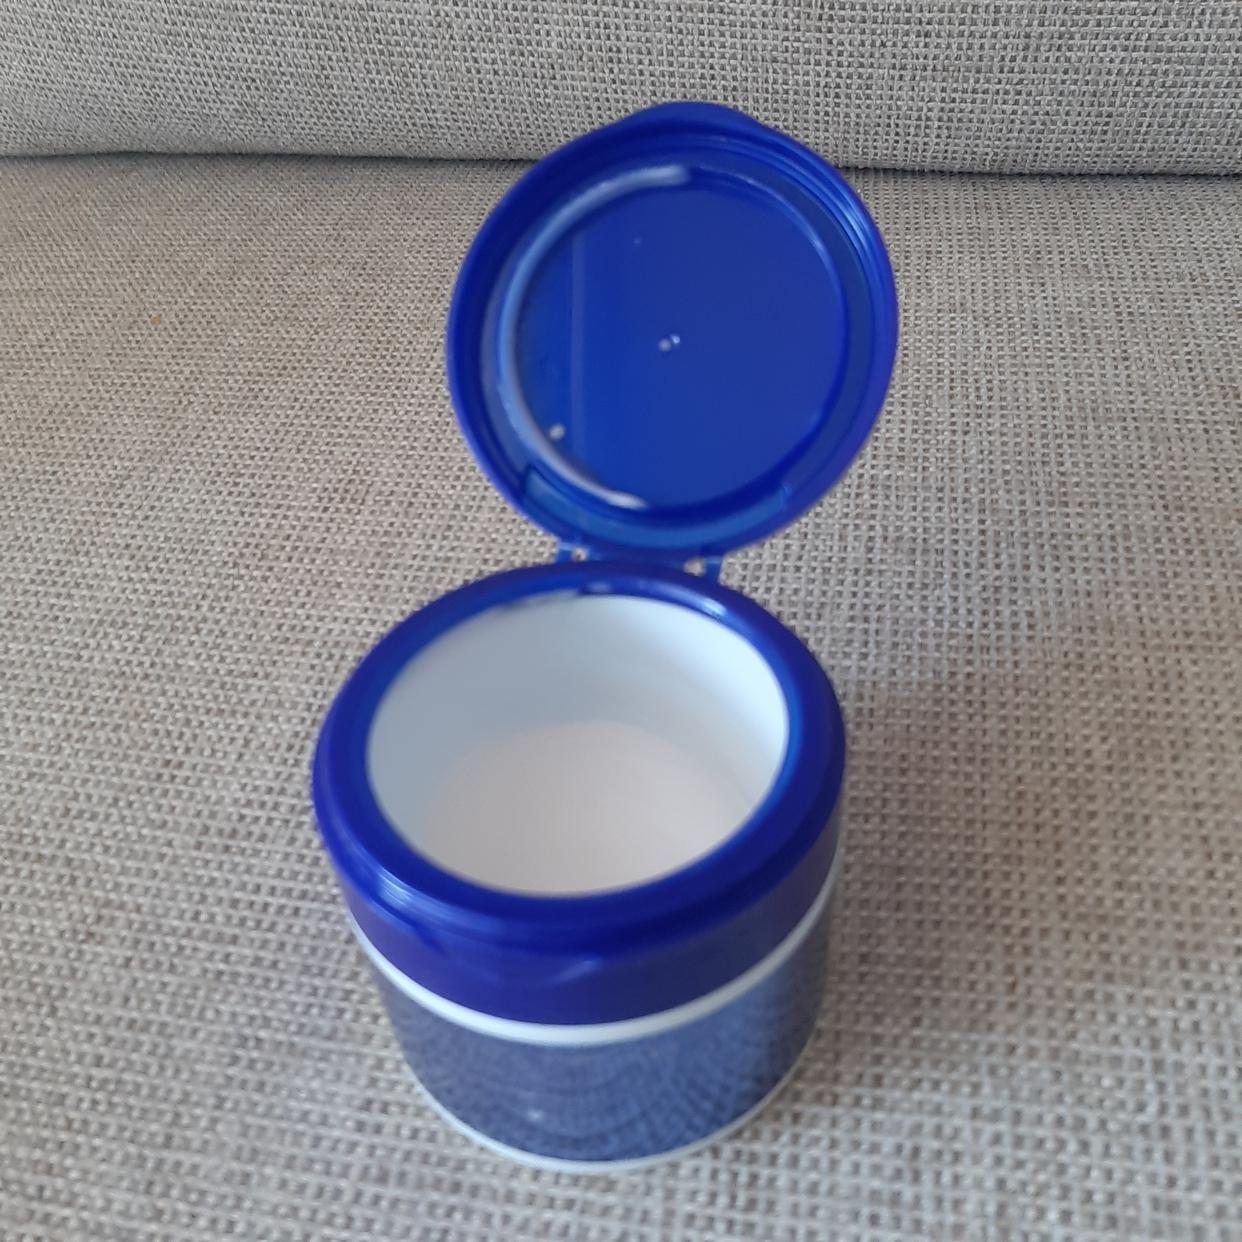 AQUALABEL(アクアレーベル)スペシャルジェルクリームA (ホワイト)を使ったさおらーさんのクチコミ画像